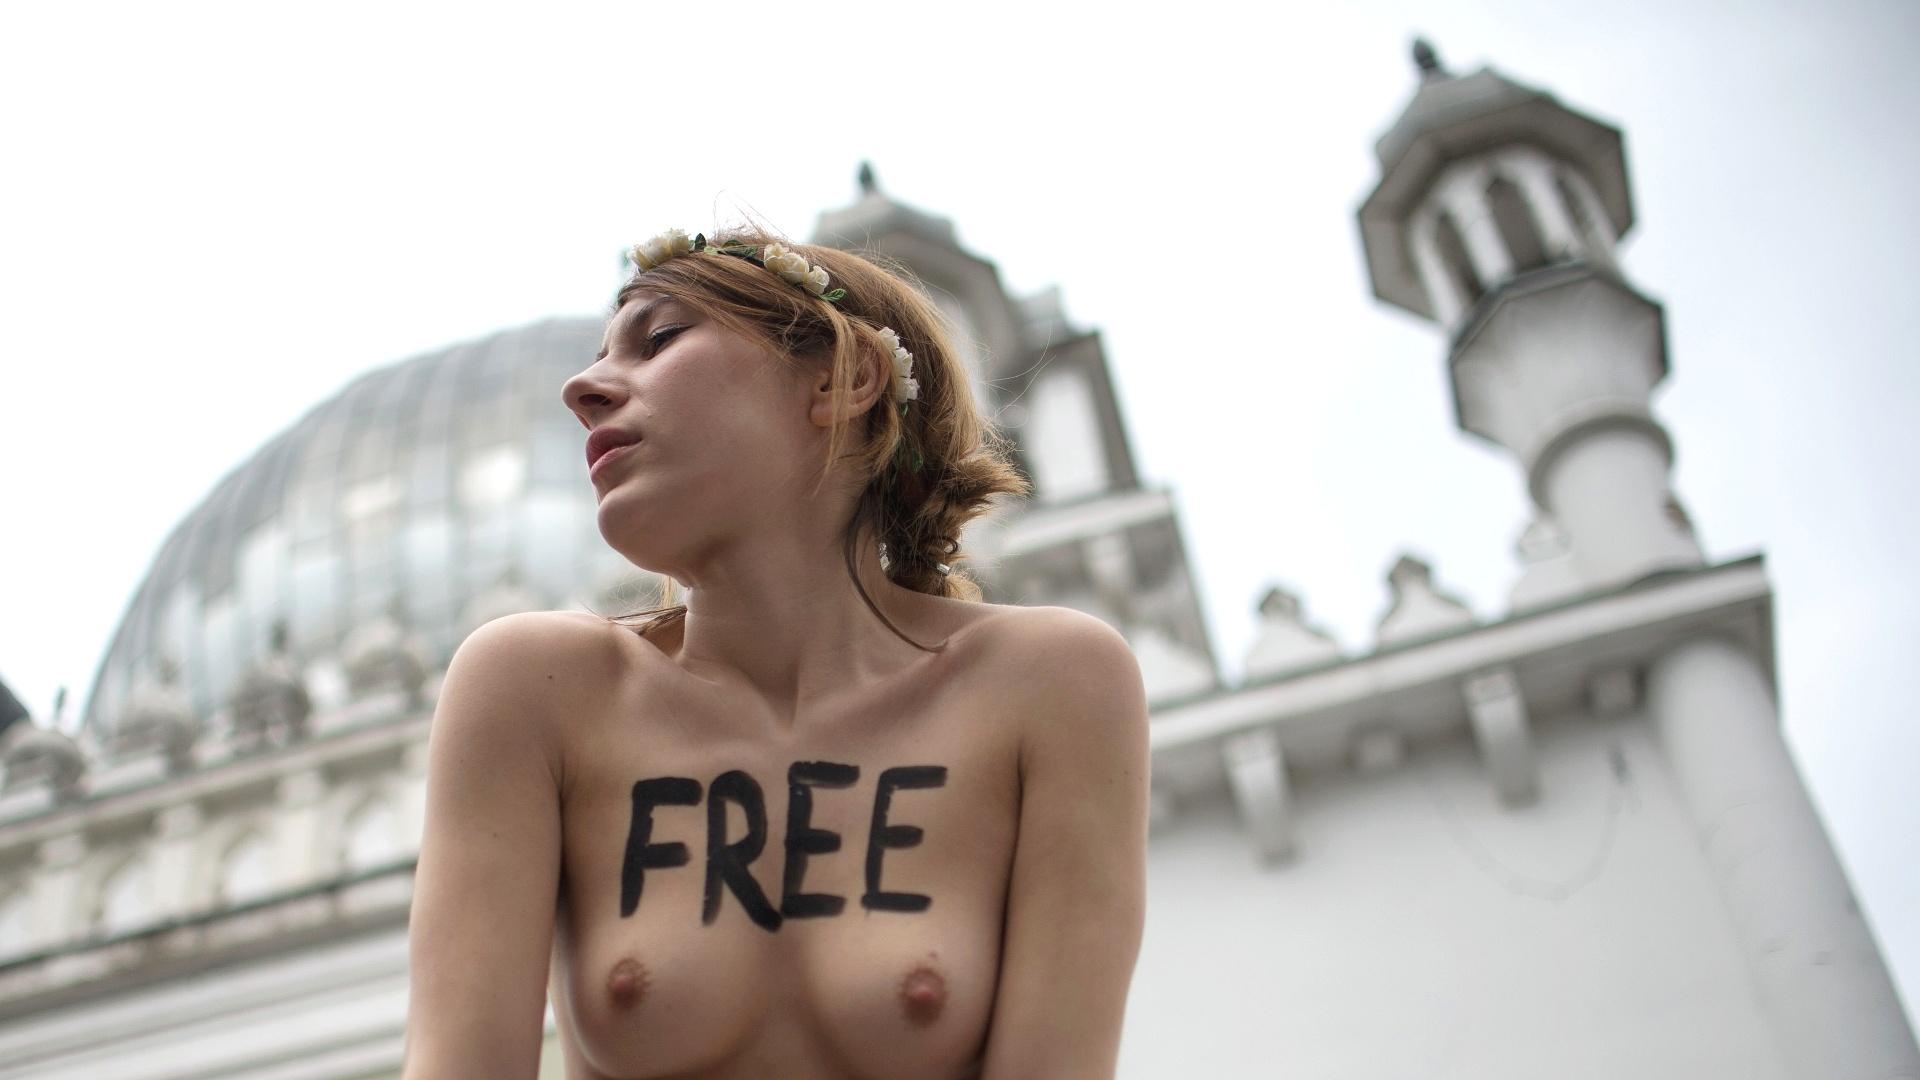 4.abr.2013 - Ativistas do Femen protestaram em frente a mesquita Ahmadiyya, a mais antiga mesquita de Berlim, nesta quinta-feira (4). O Femen convocou uma